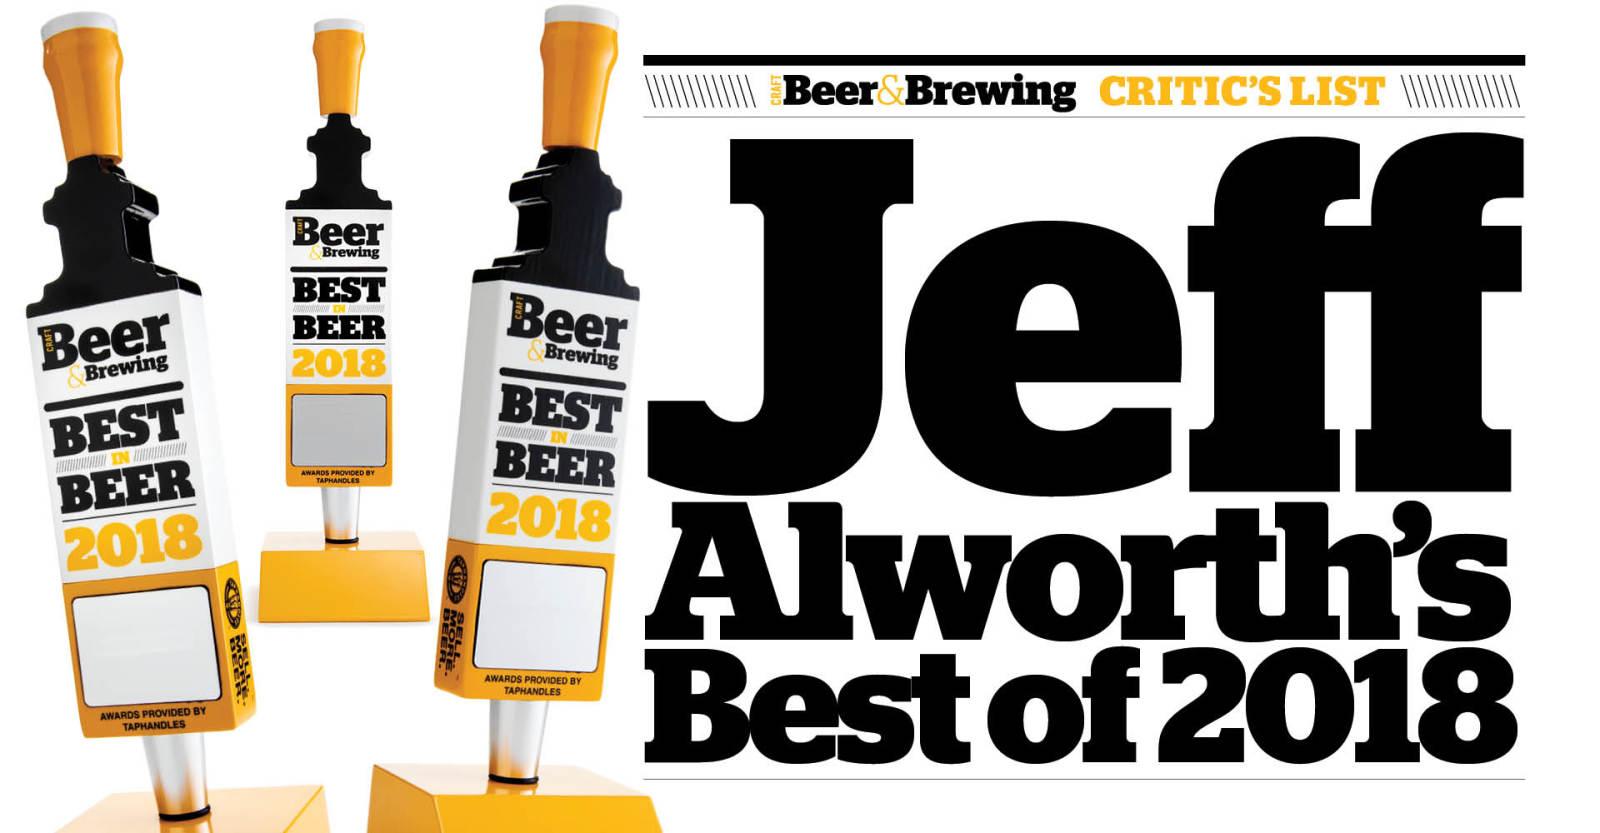 Jeff Alworth's Best of 2018 | Craft Beer & Brewing